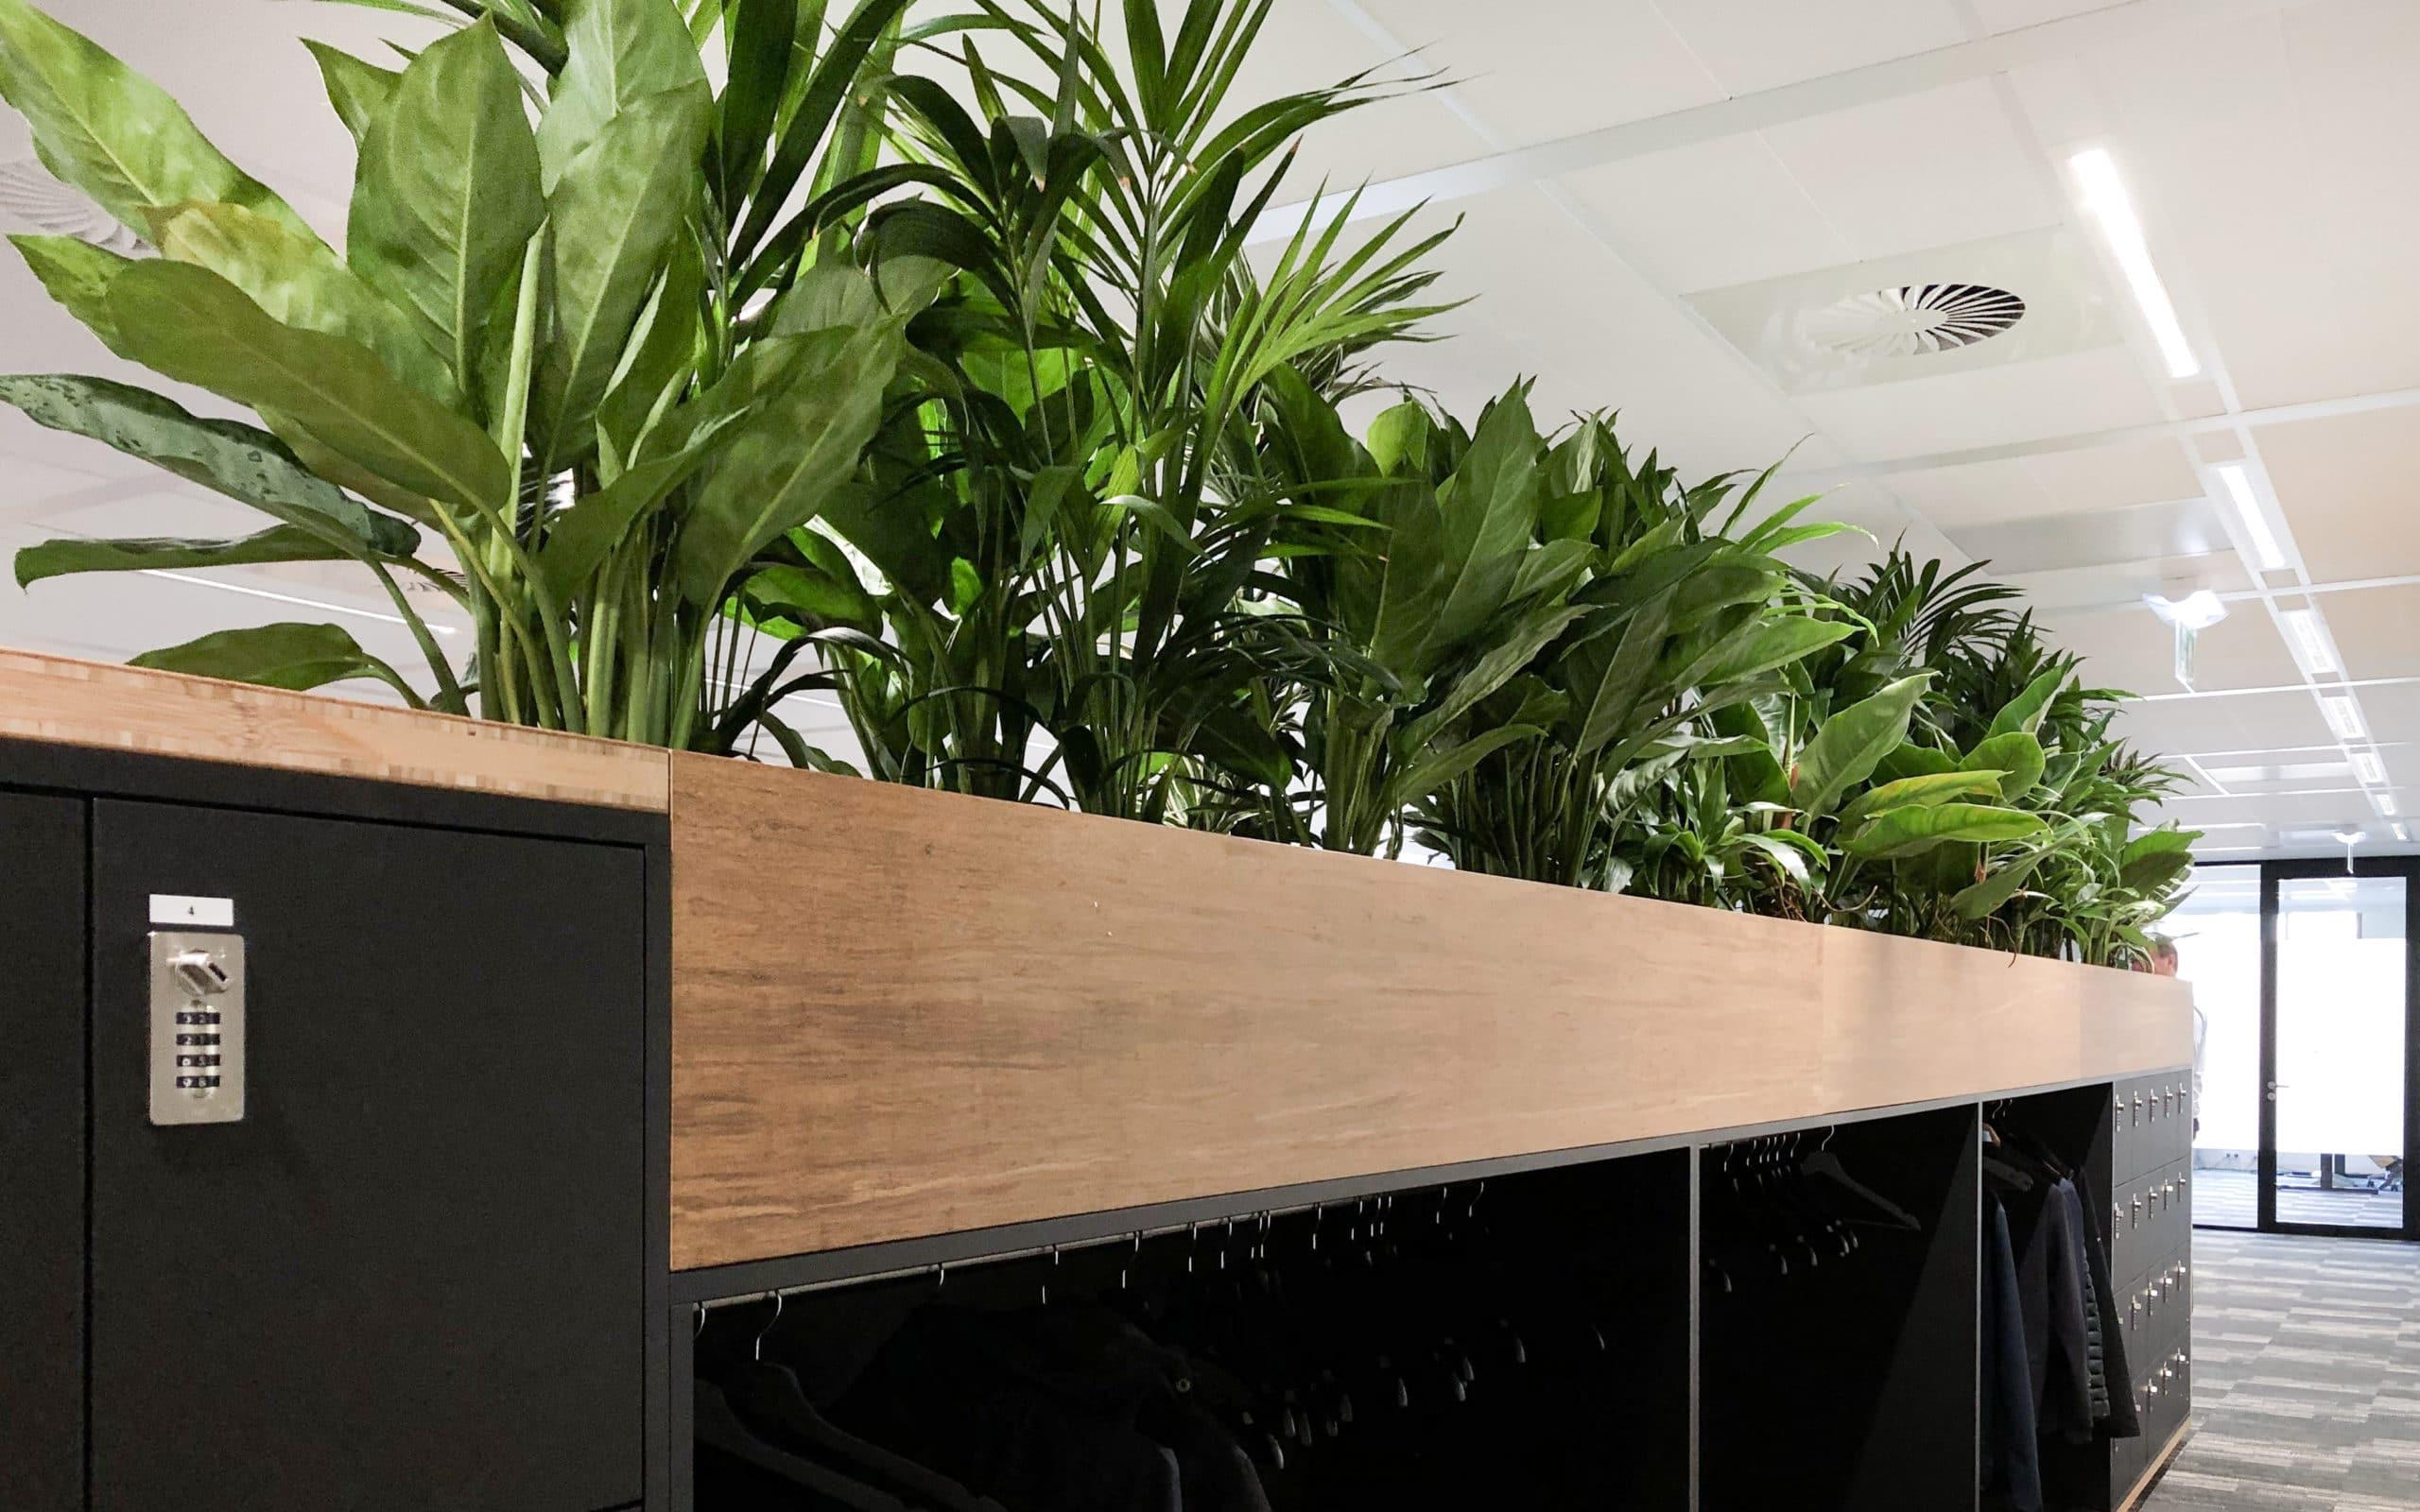 Planten in meubilair zorgen voor groene wand